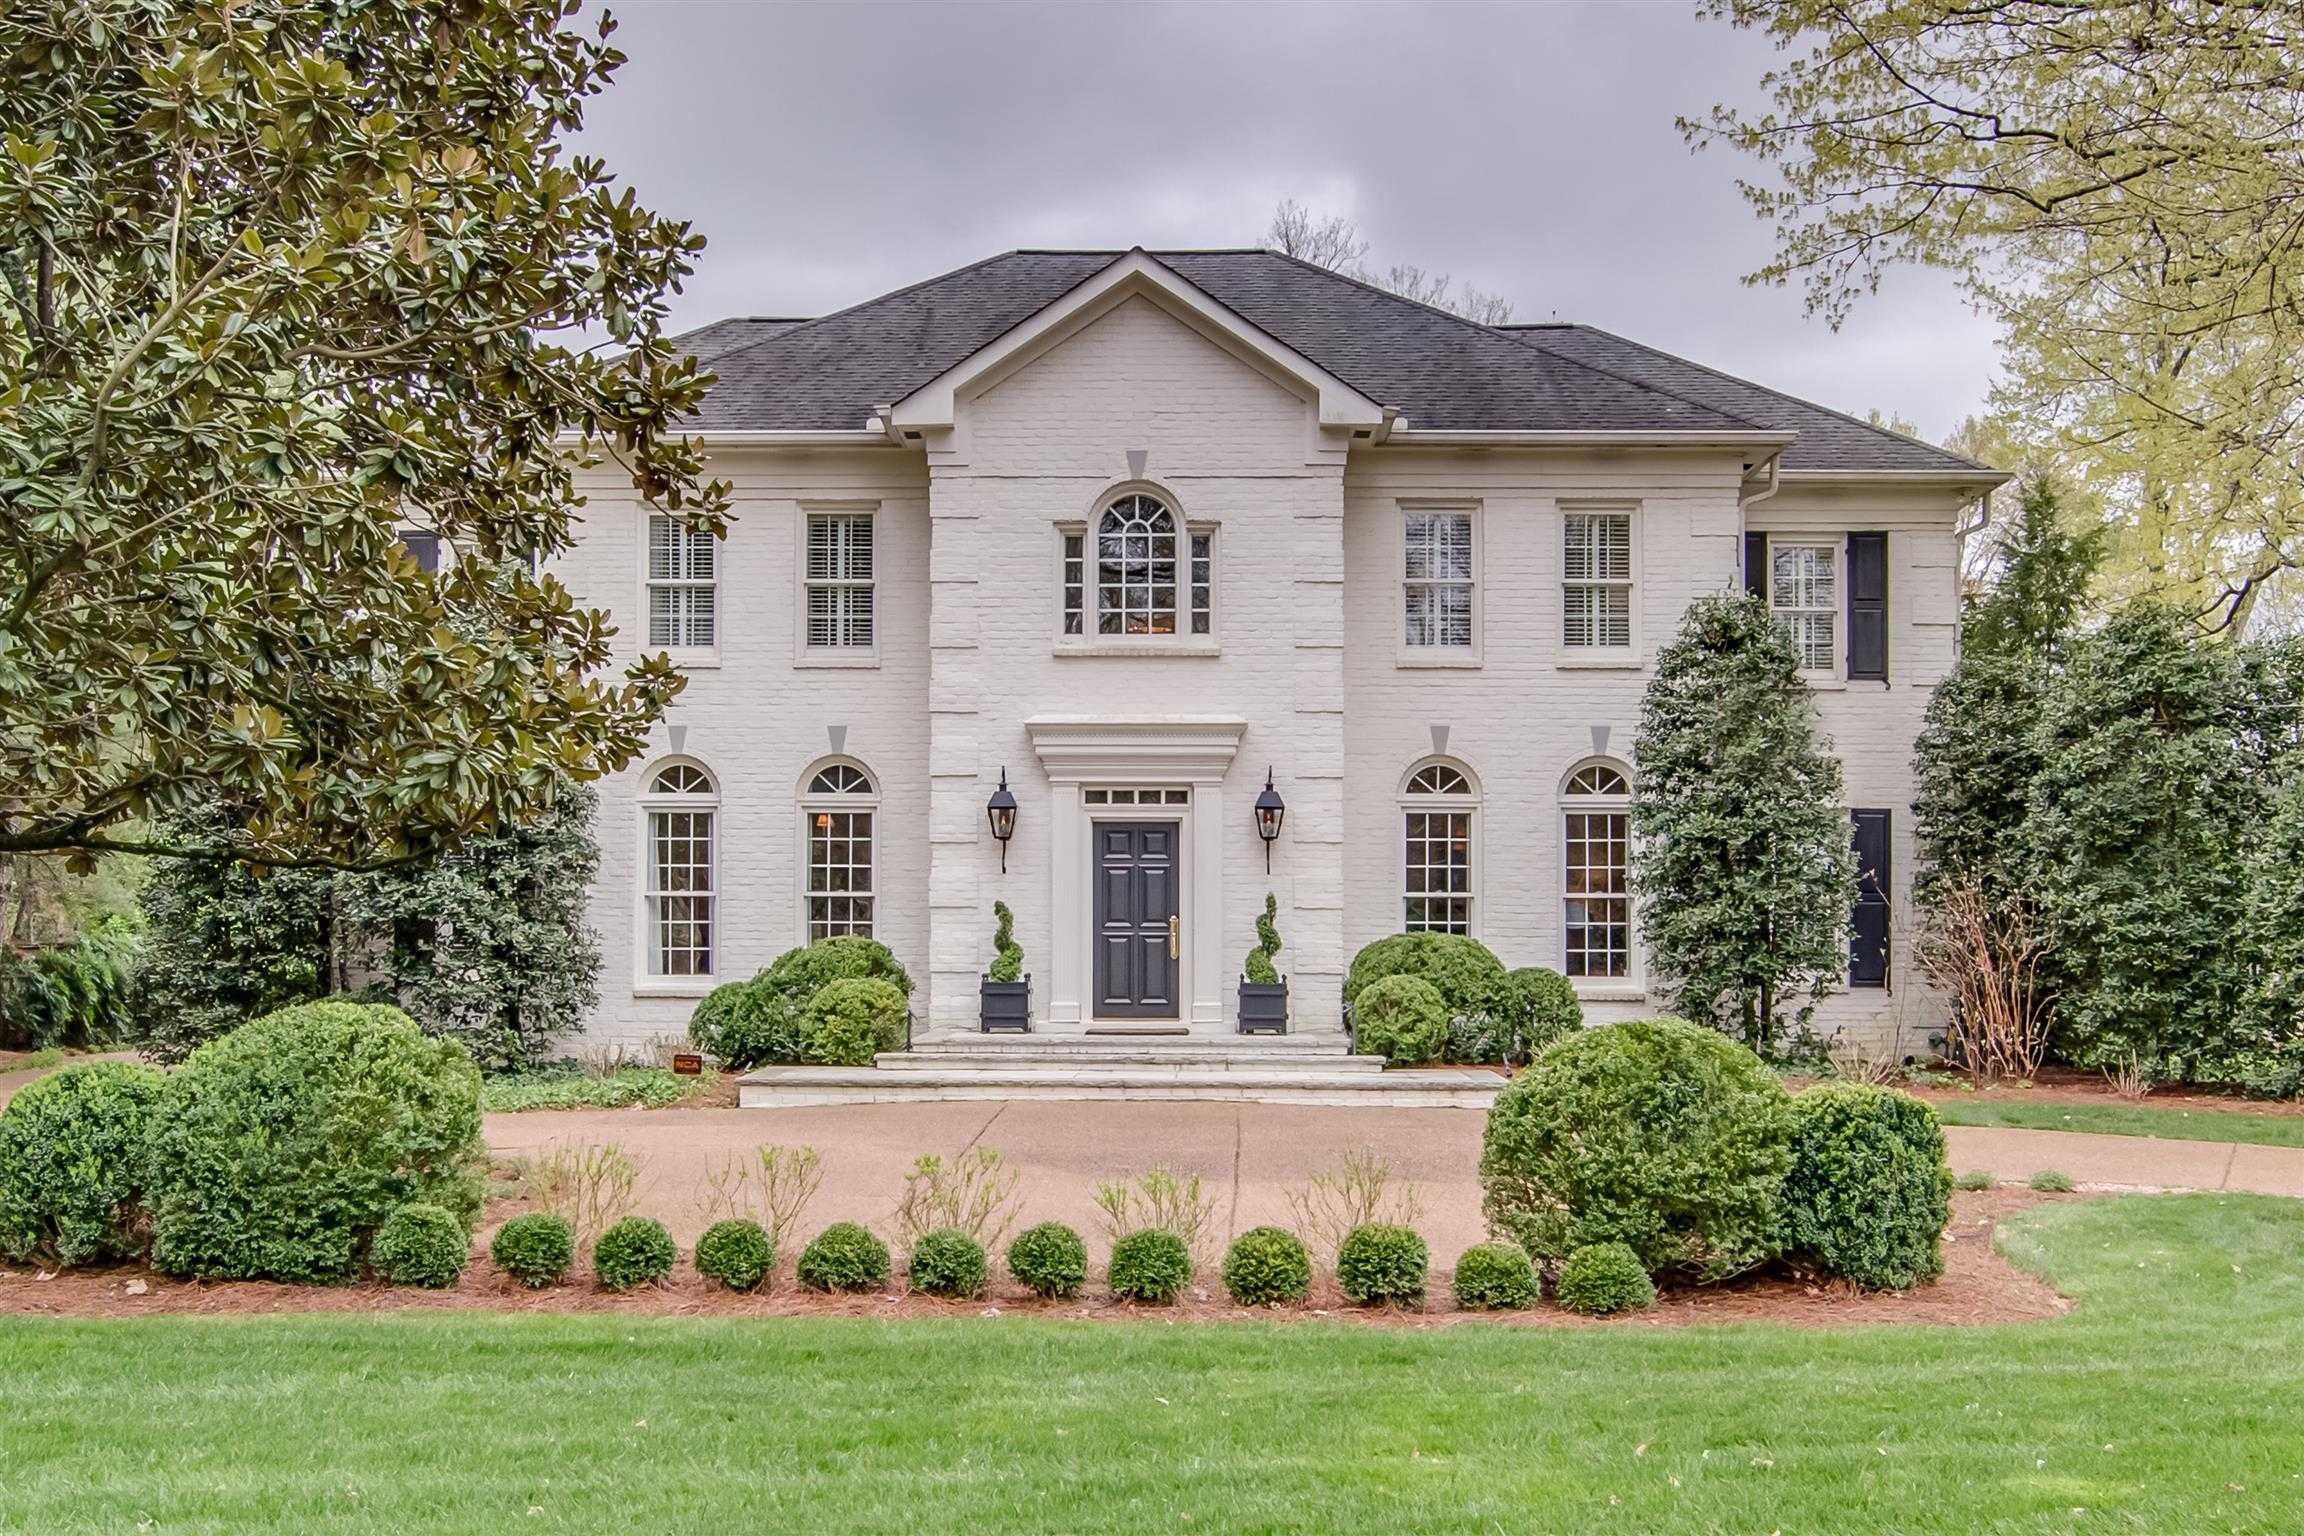 $2,350,000 - 5Br/5Ba -  for Sale in Belle Meade, Nashville